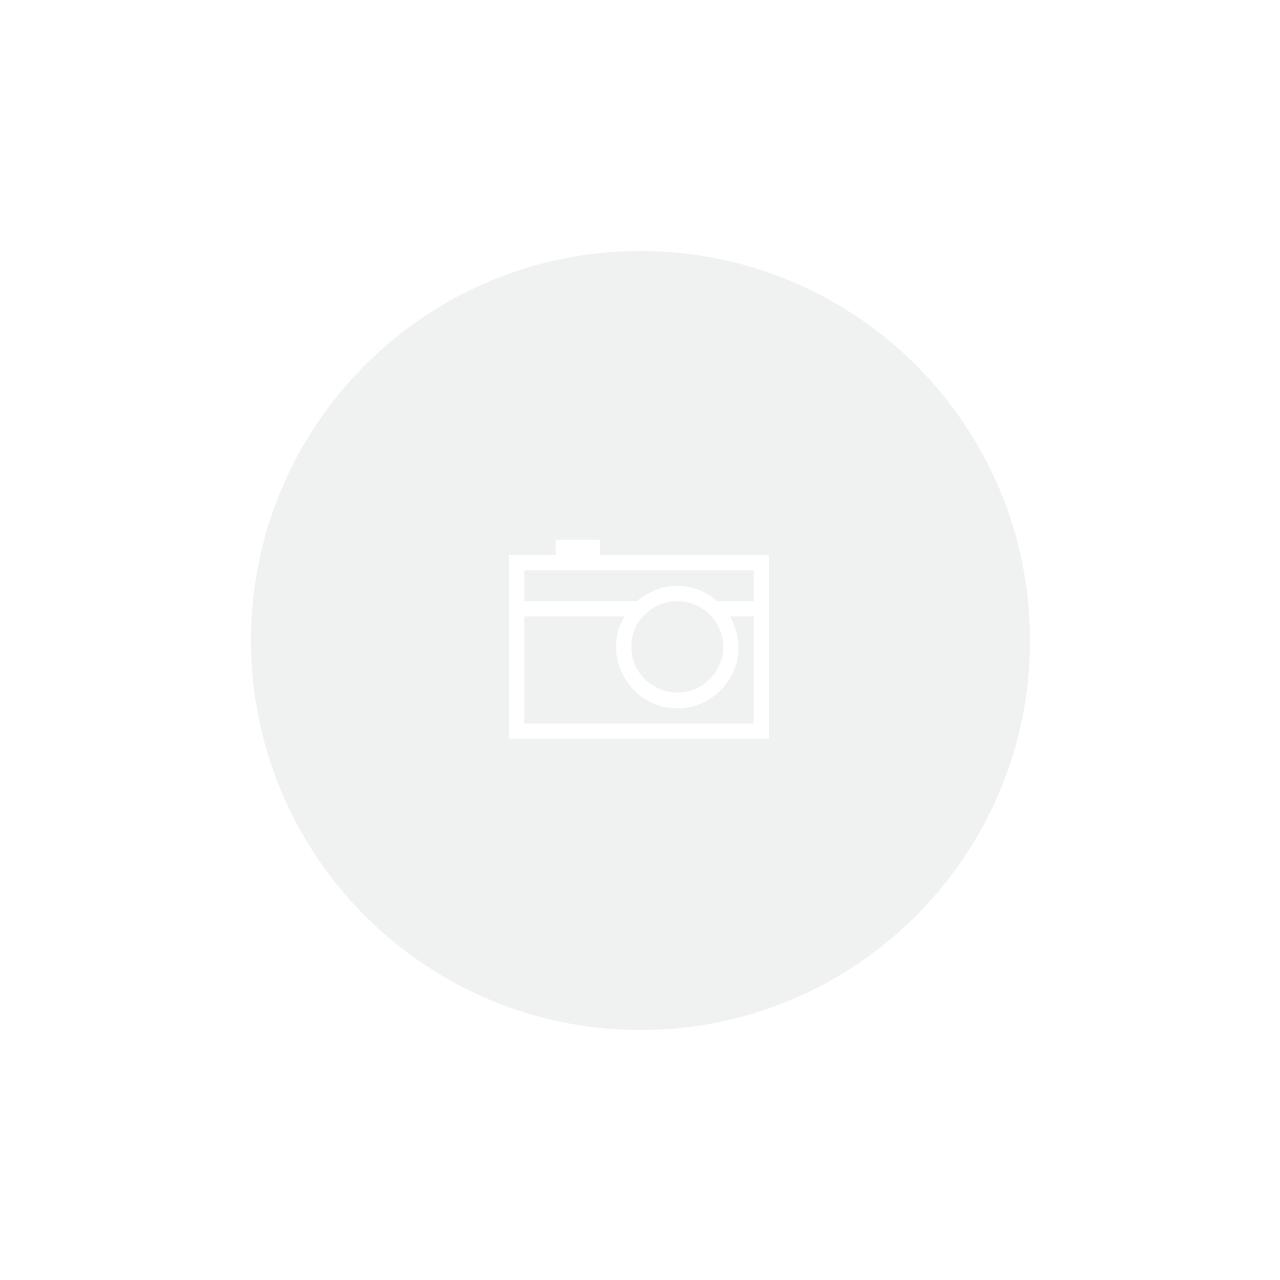 Gargantilha Corrente Cartier Com Pingente Cadeado Semijoia em Aço Inoxidável Antialérgico